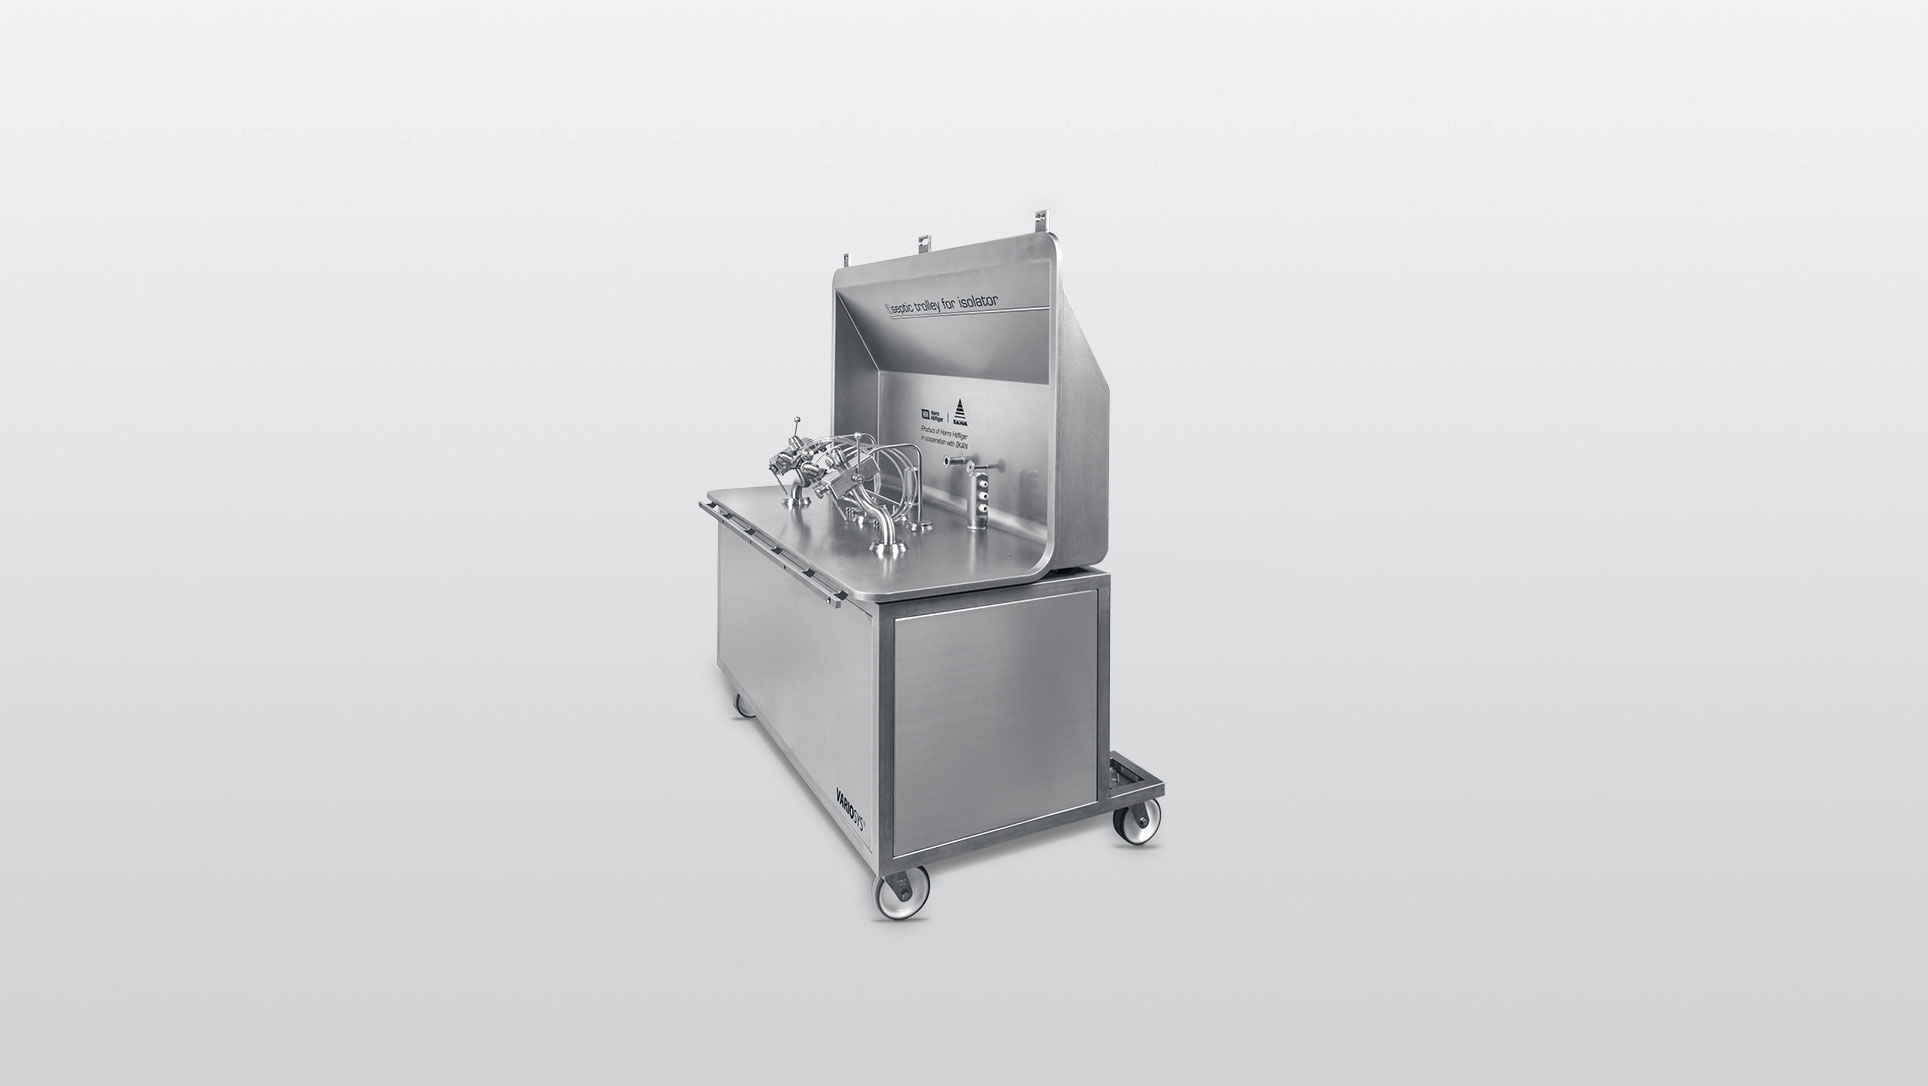 Автомат для розлива молока и молочных продуктов ПИТПАК Ж